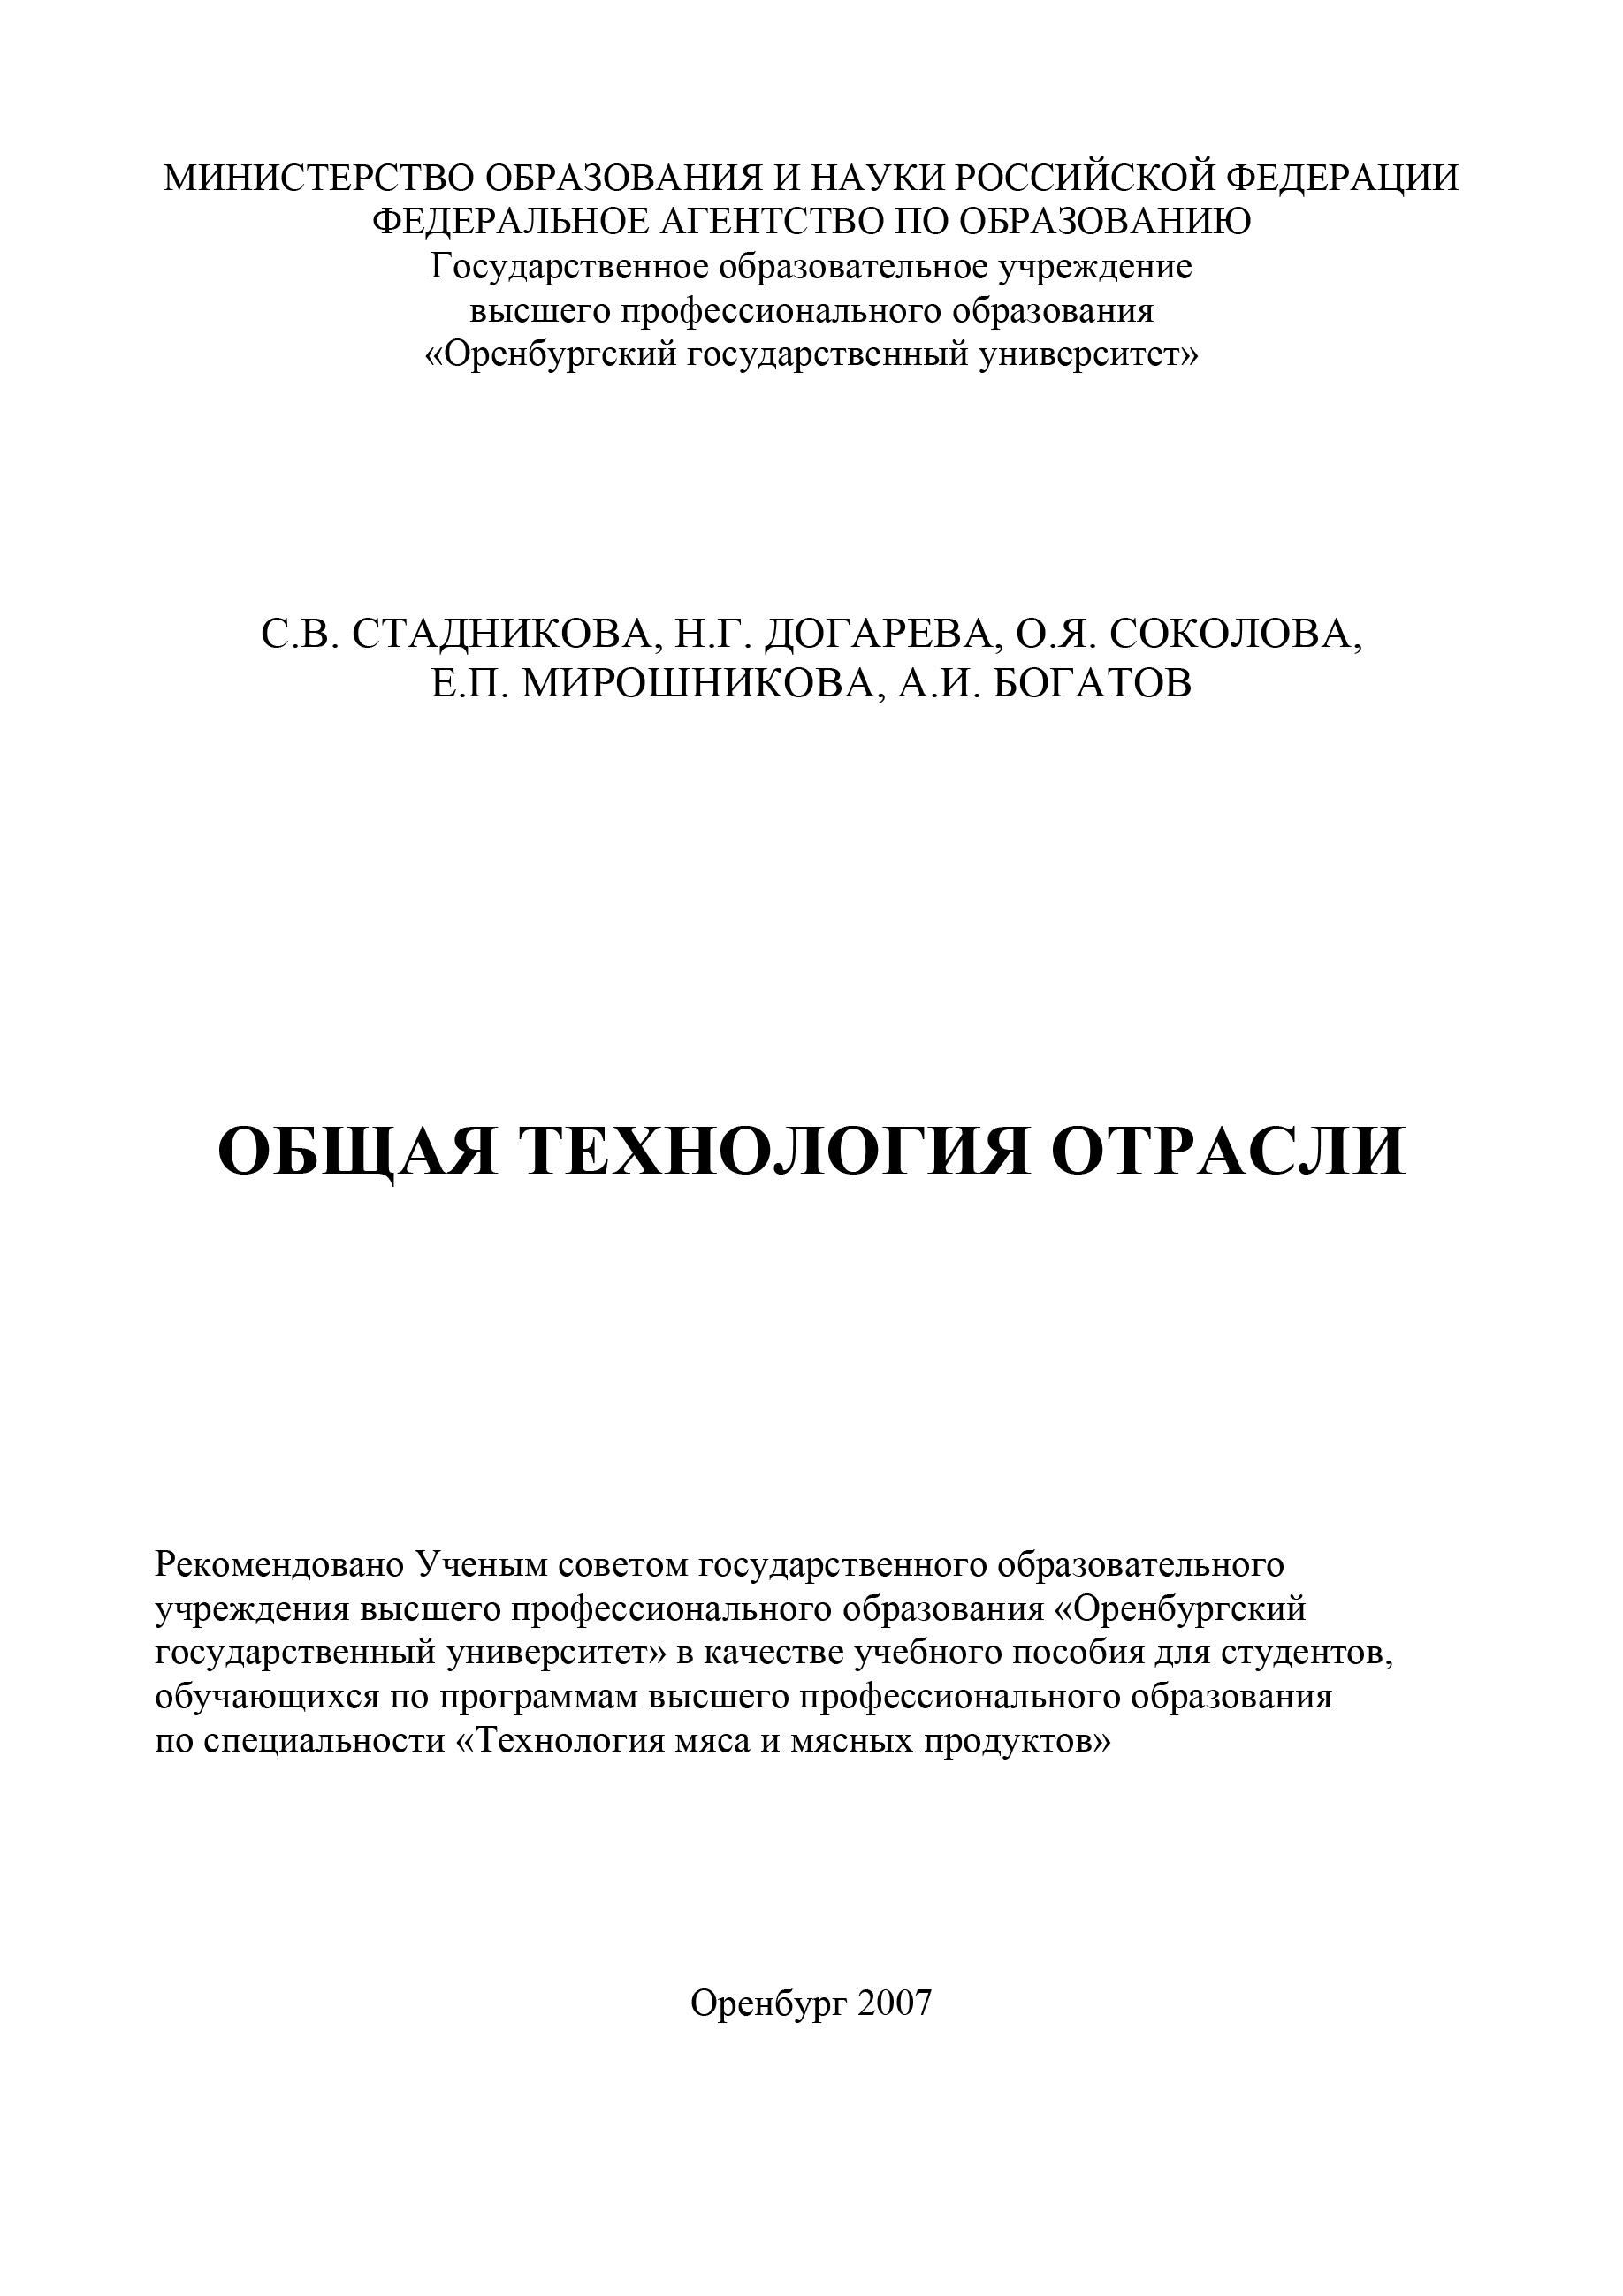 Н. Г. Догарева Общая технология отрасли